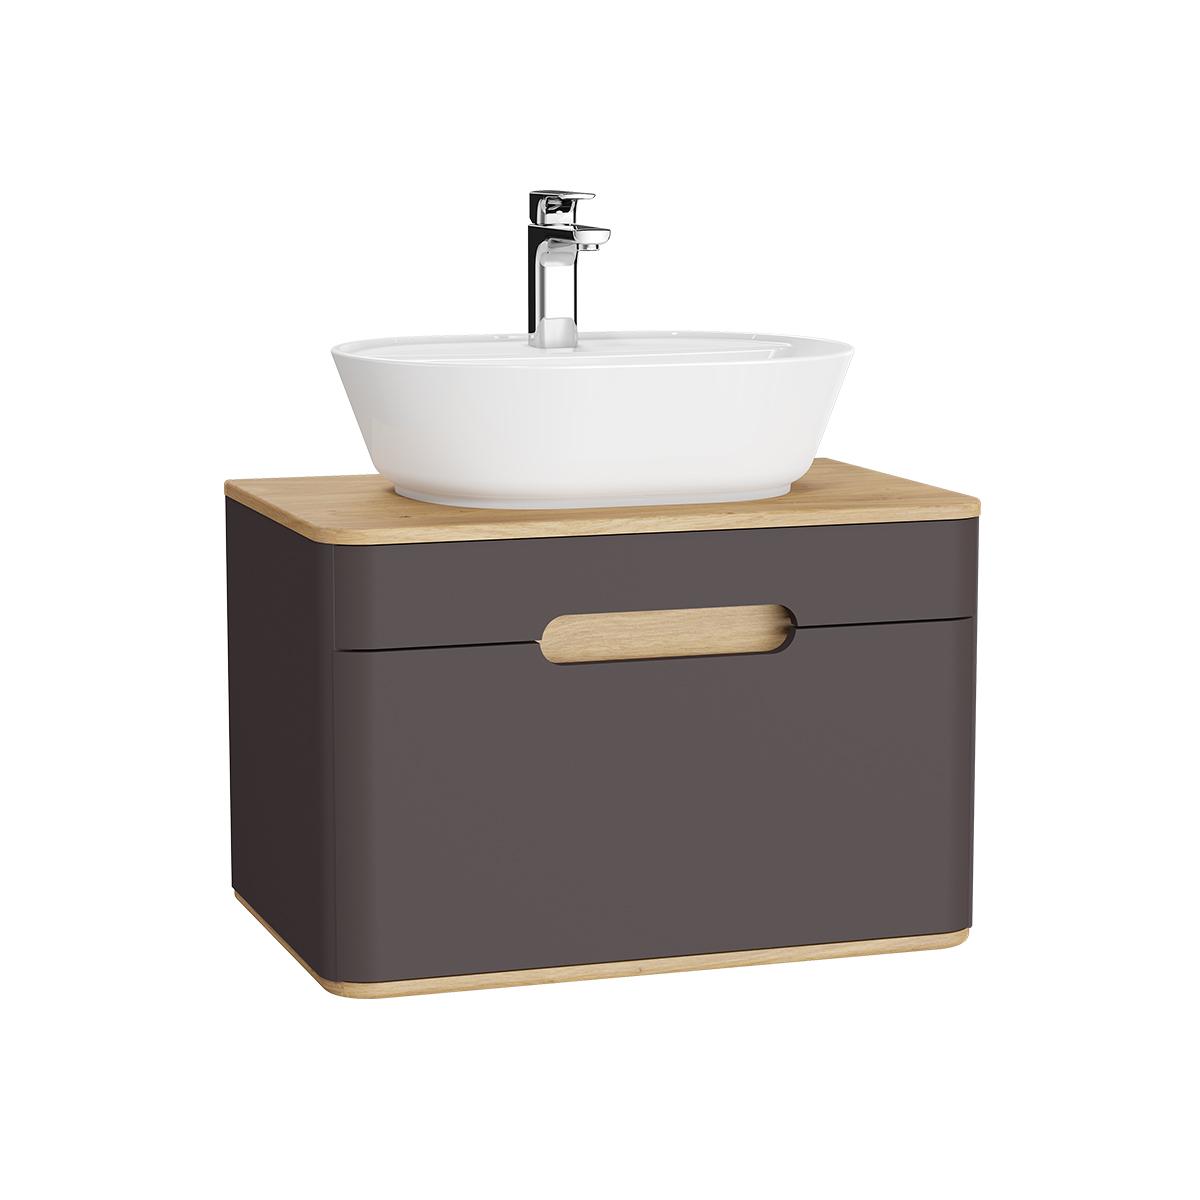 Sento Waschtischunterschrank, 70 cm, für Aufsatzwaschtische, mit 1 Vollauszug, Anthrazit Matt